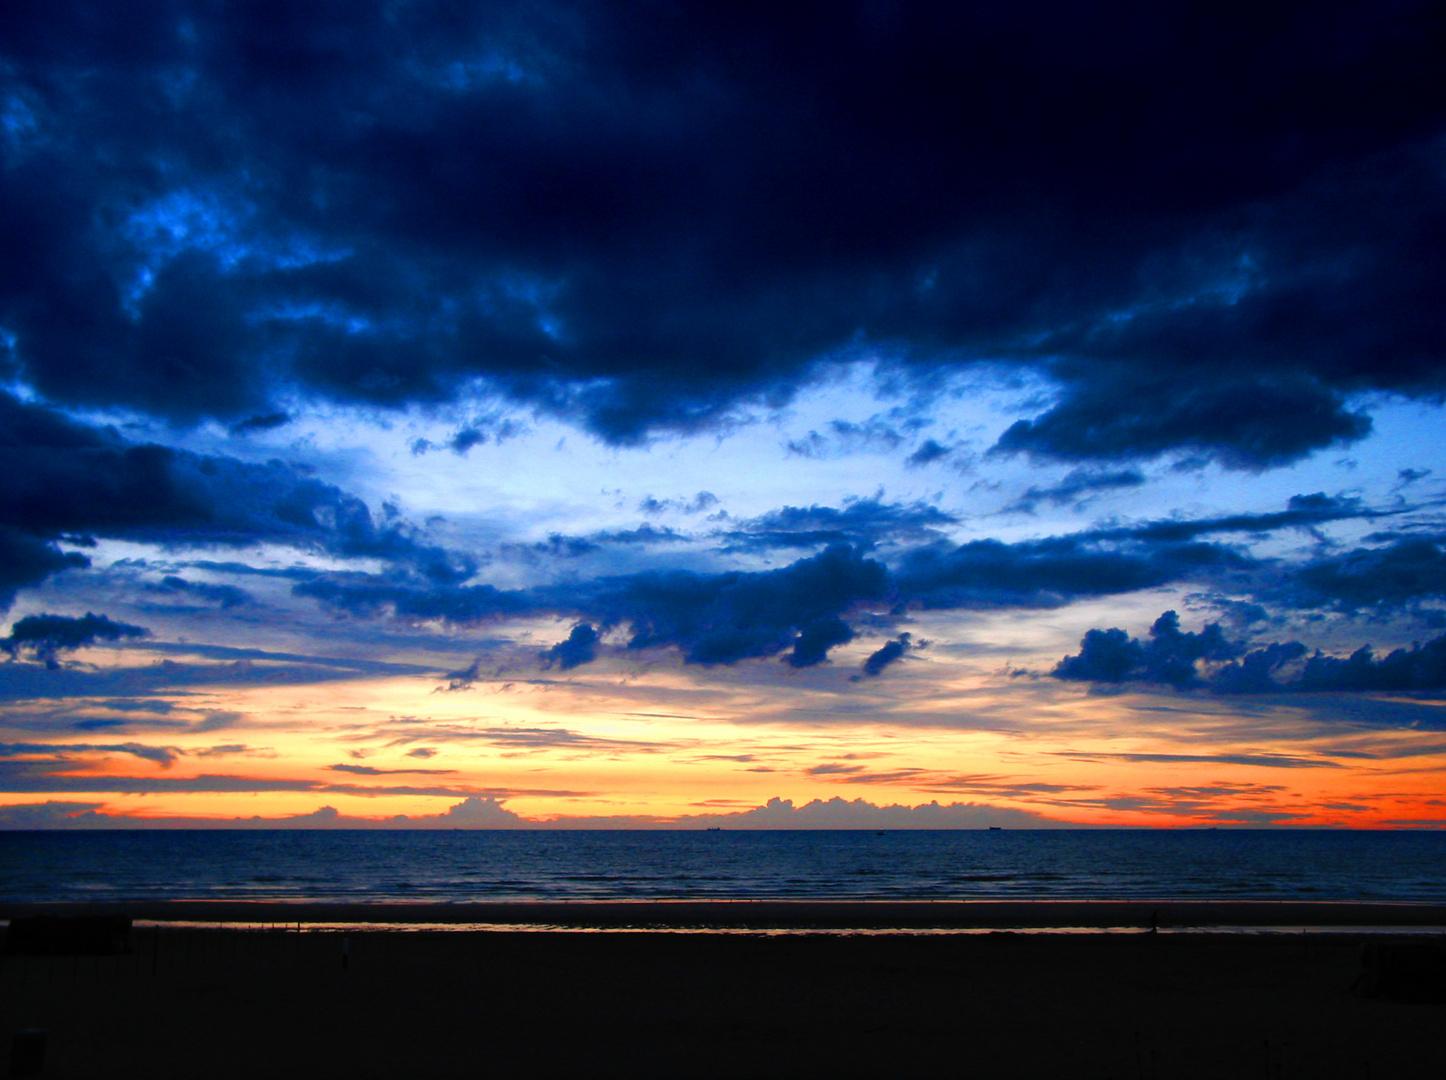 Sundown over the Nordsea in Belgium